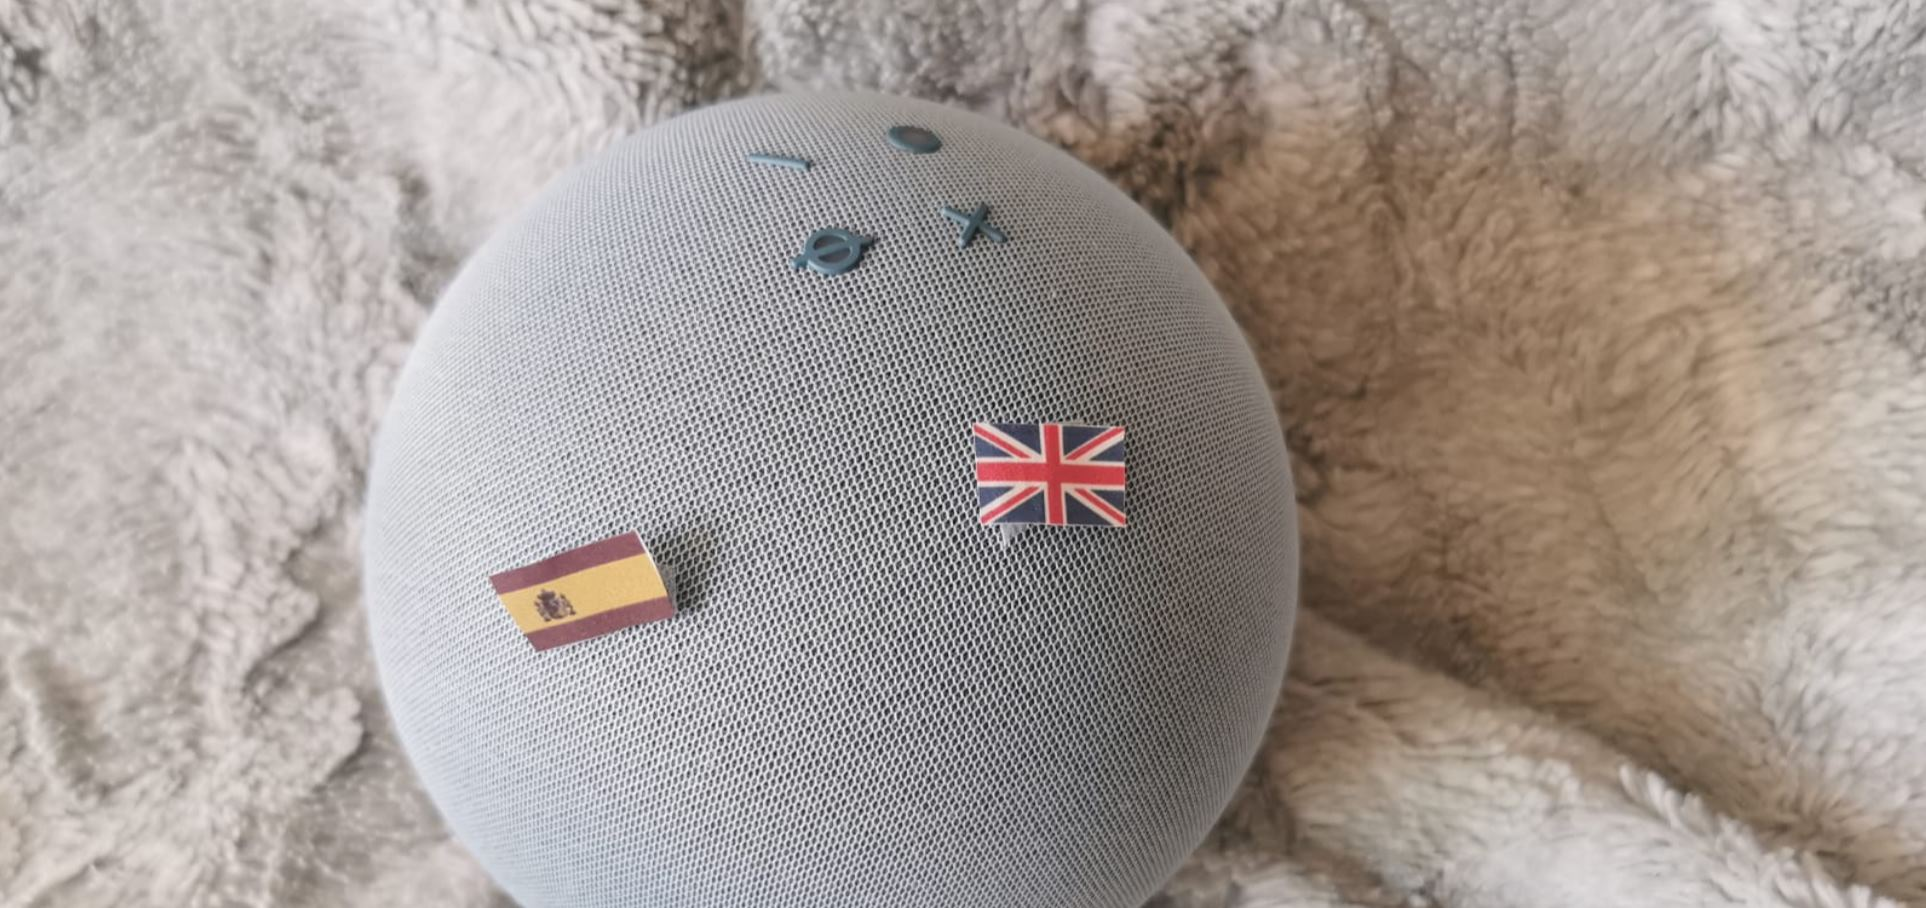 Alexa activa el modo multilingüe en España, ya puede hablar inglés o español